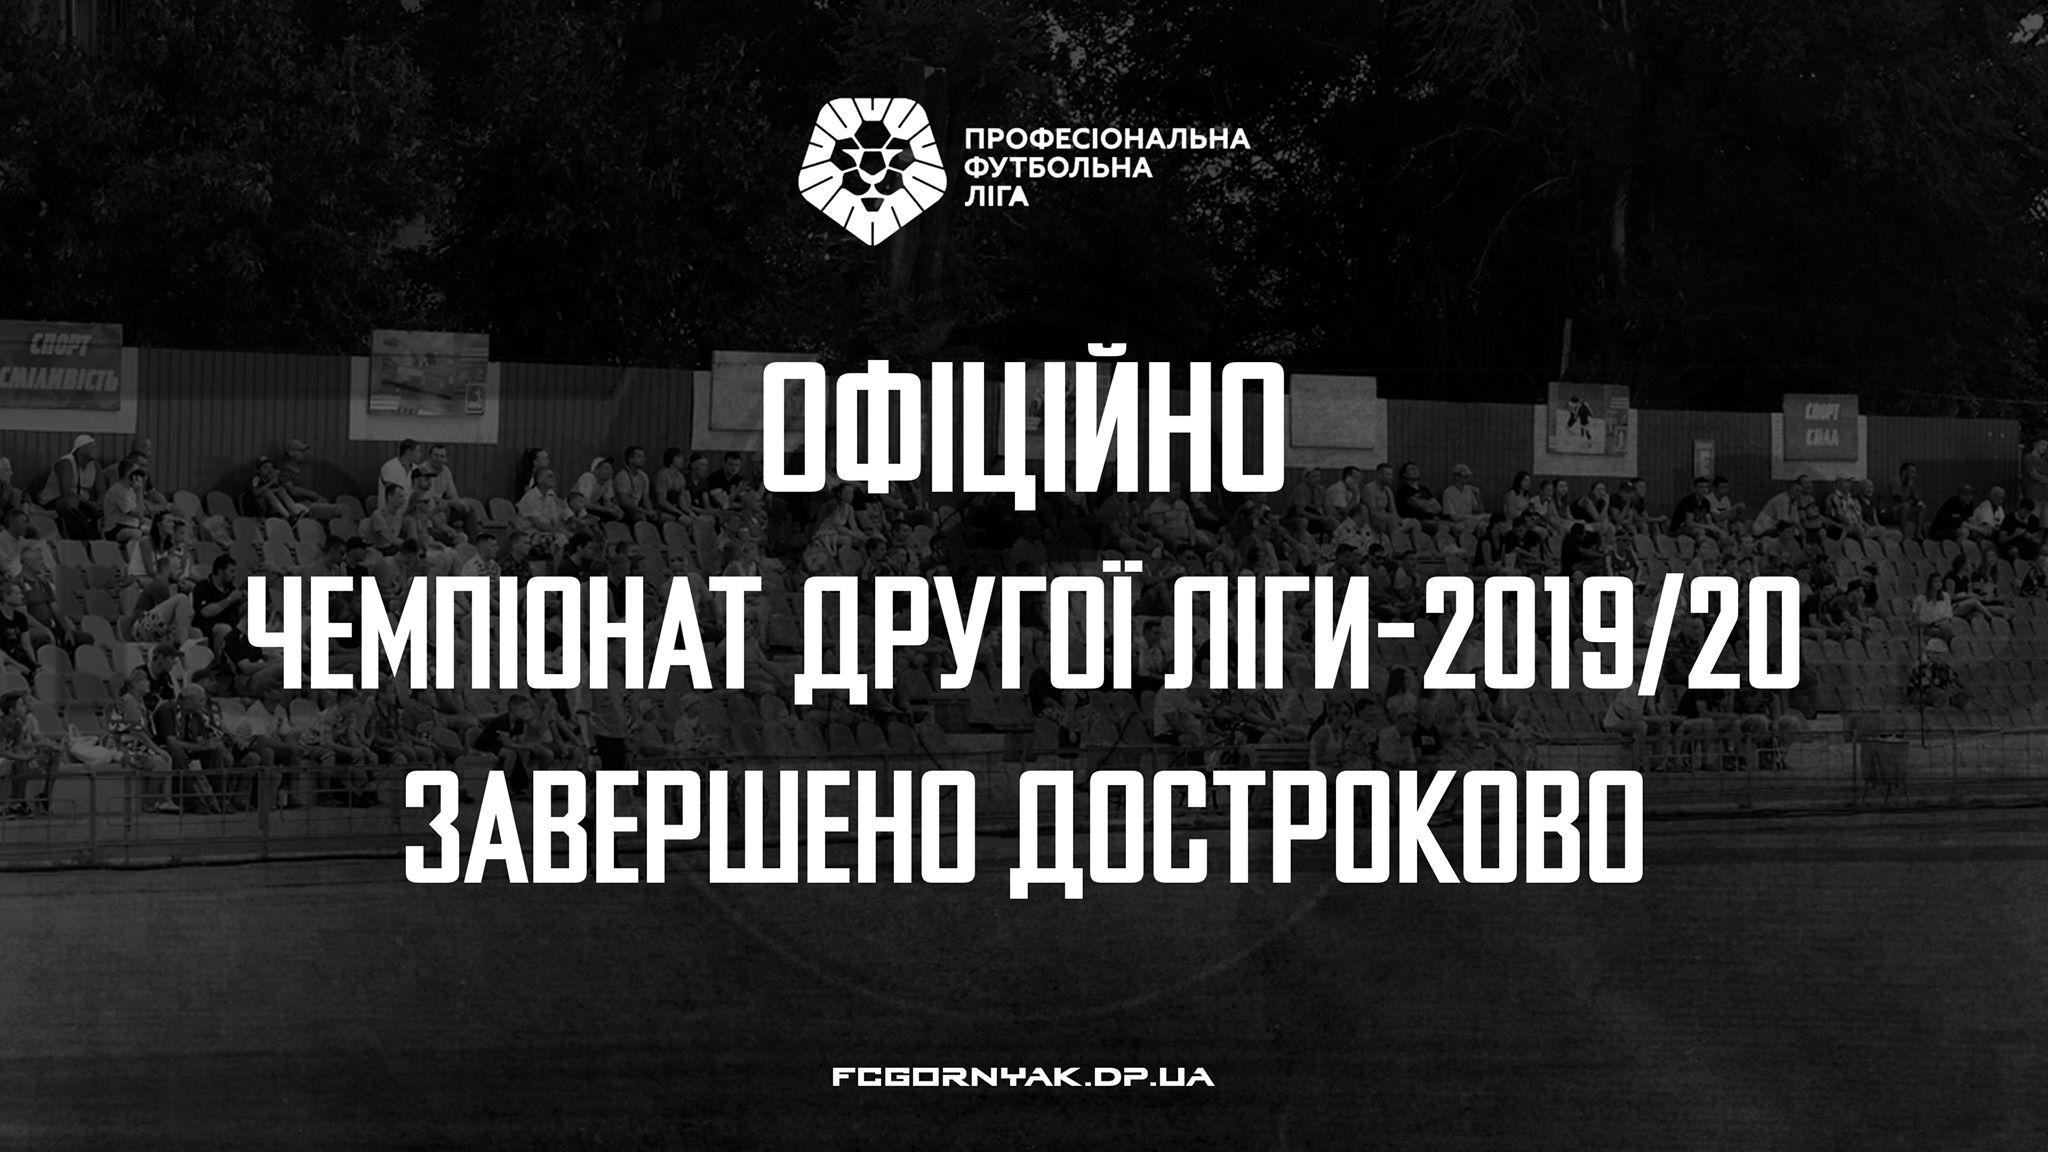 Чемпионат Второй лиги-2019/20 завершен досрочно